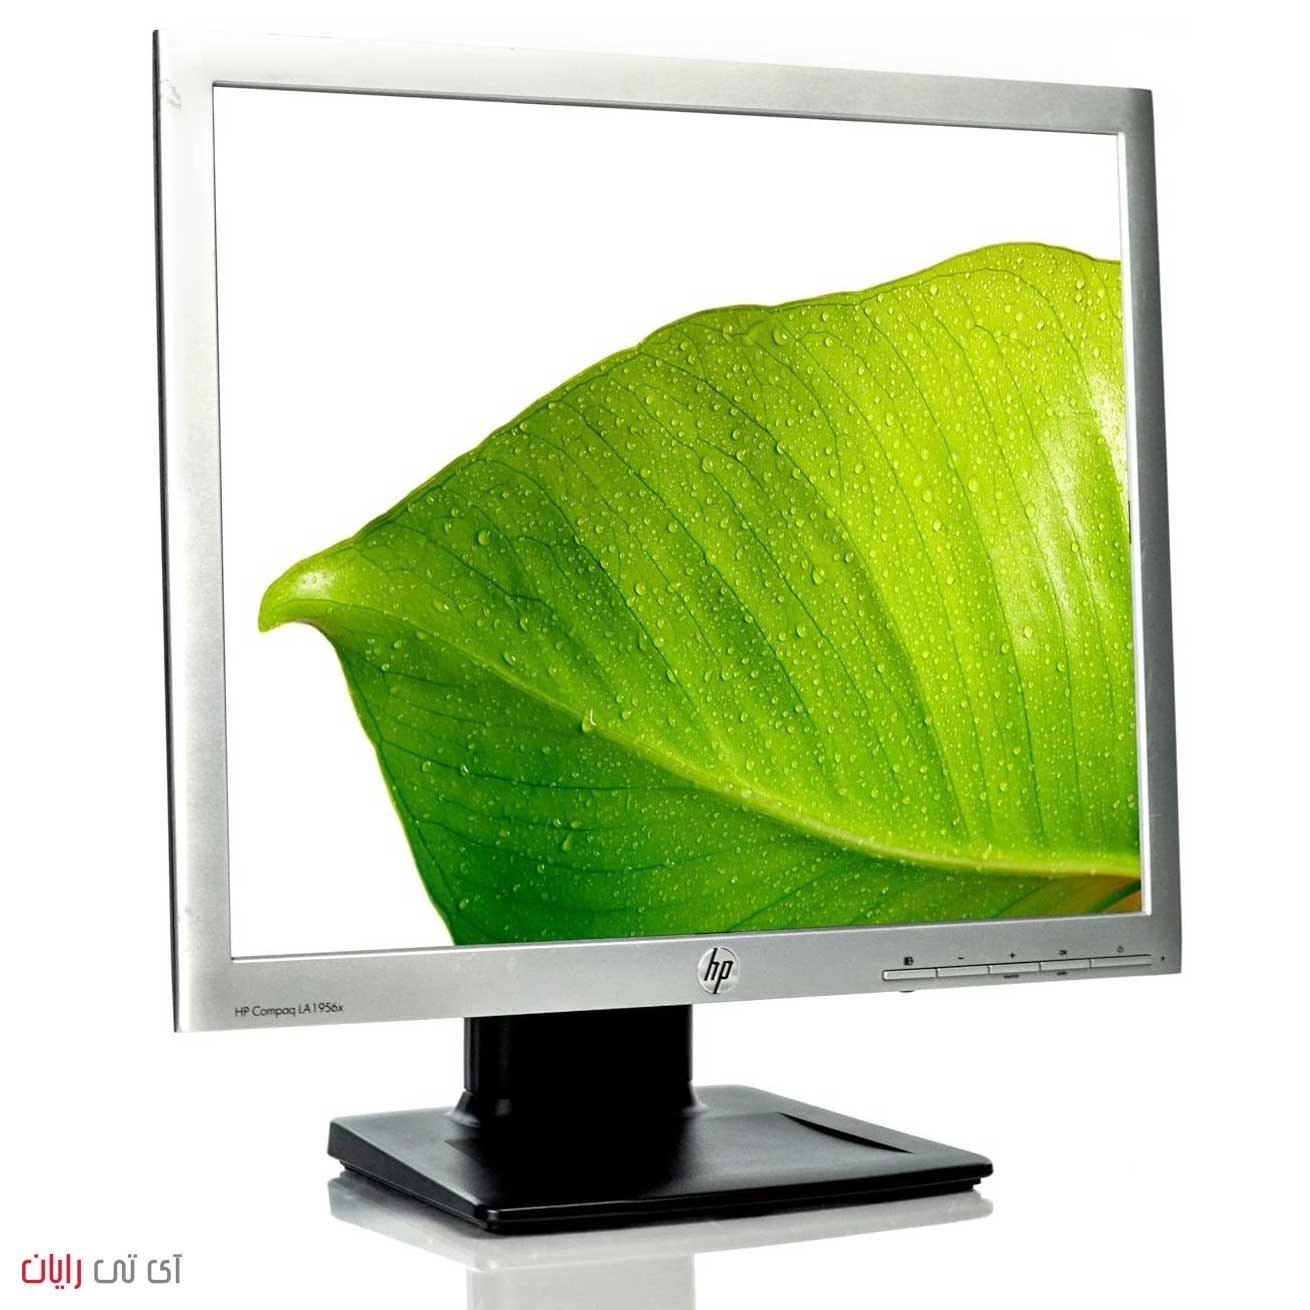 تصویر مانیتور 19 اینچ اچ پی HP Compaq LA1956x